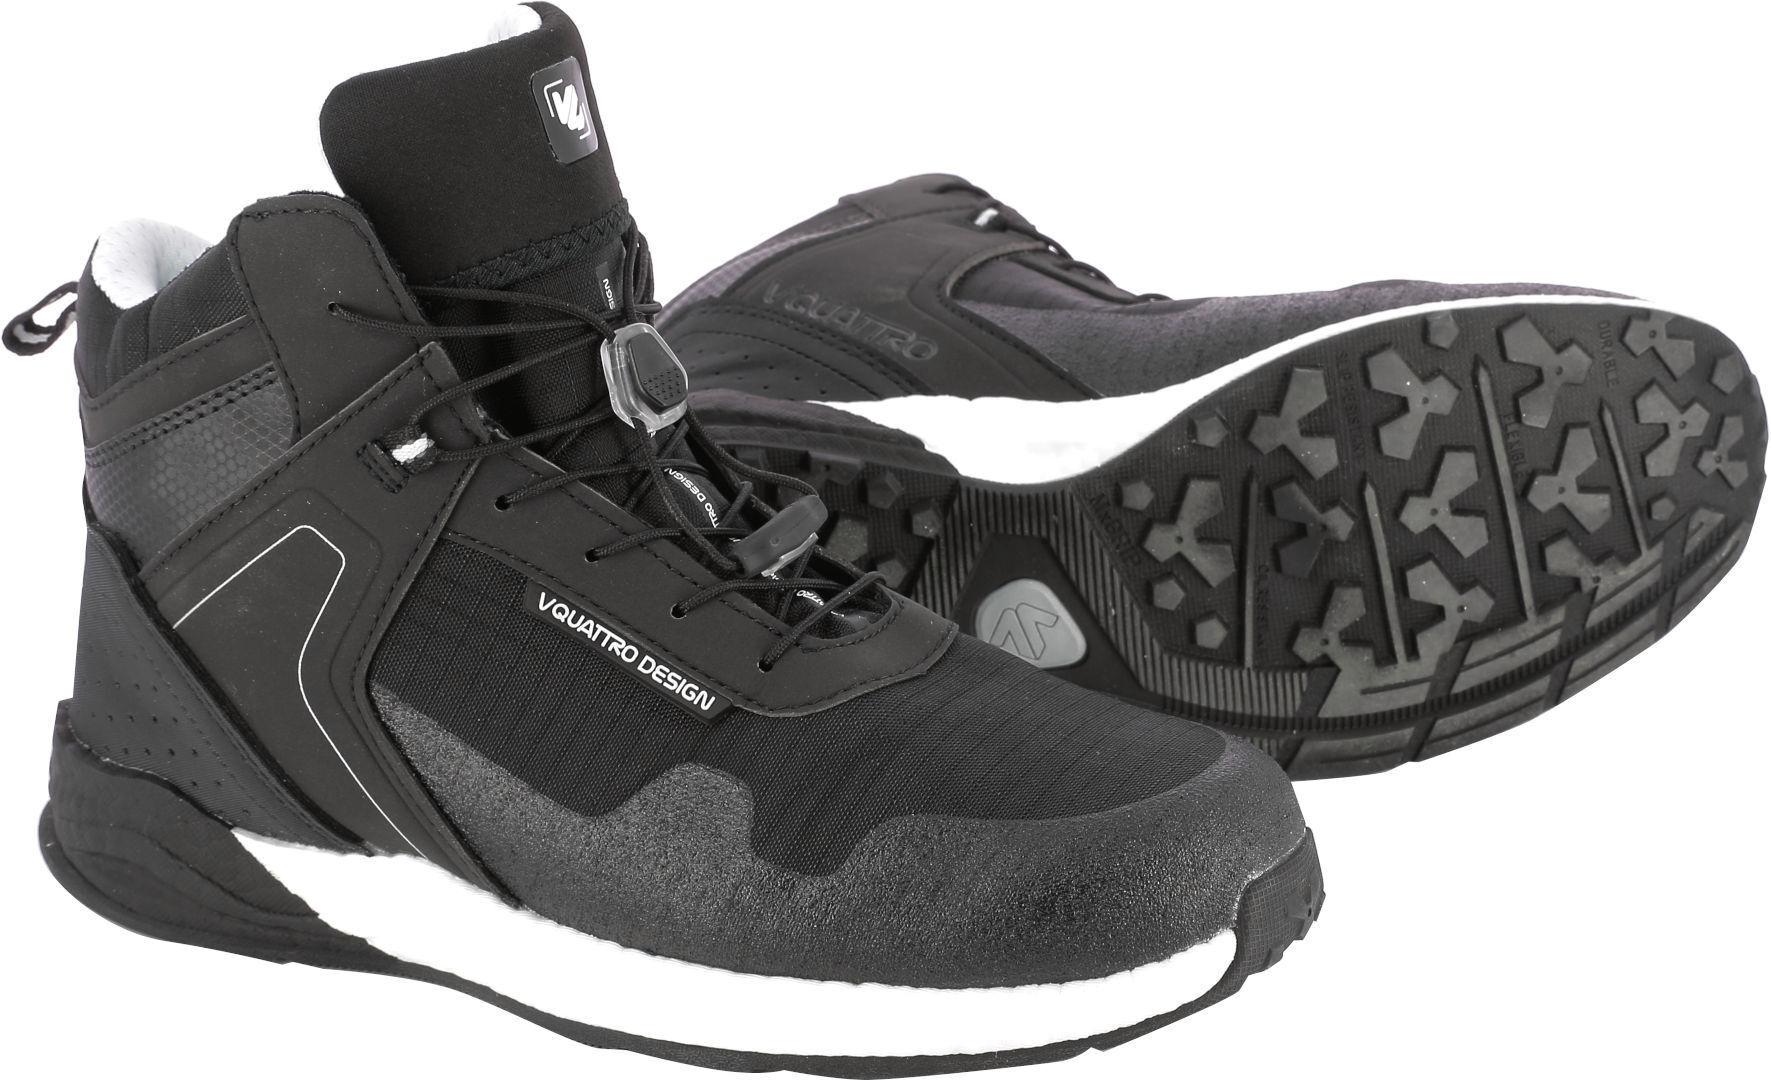 VQuattro Ridge Sapatos de moto